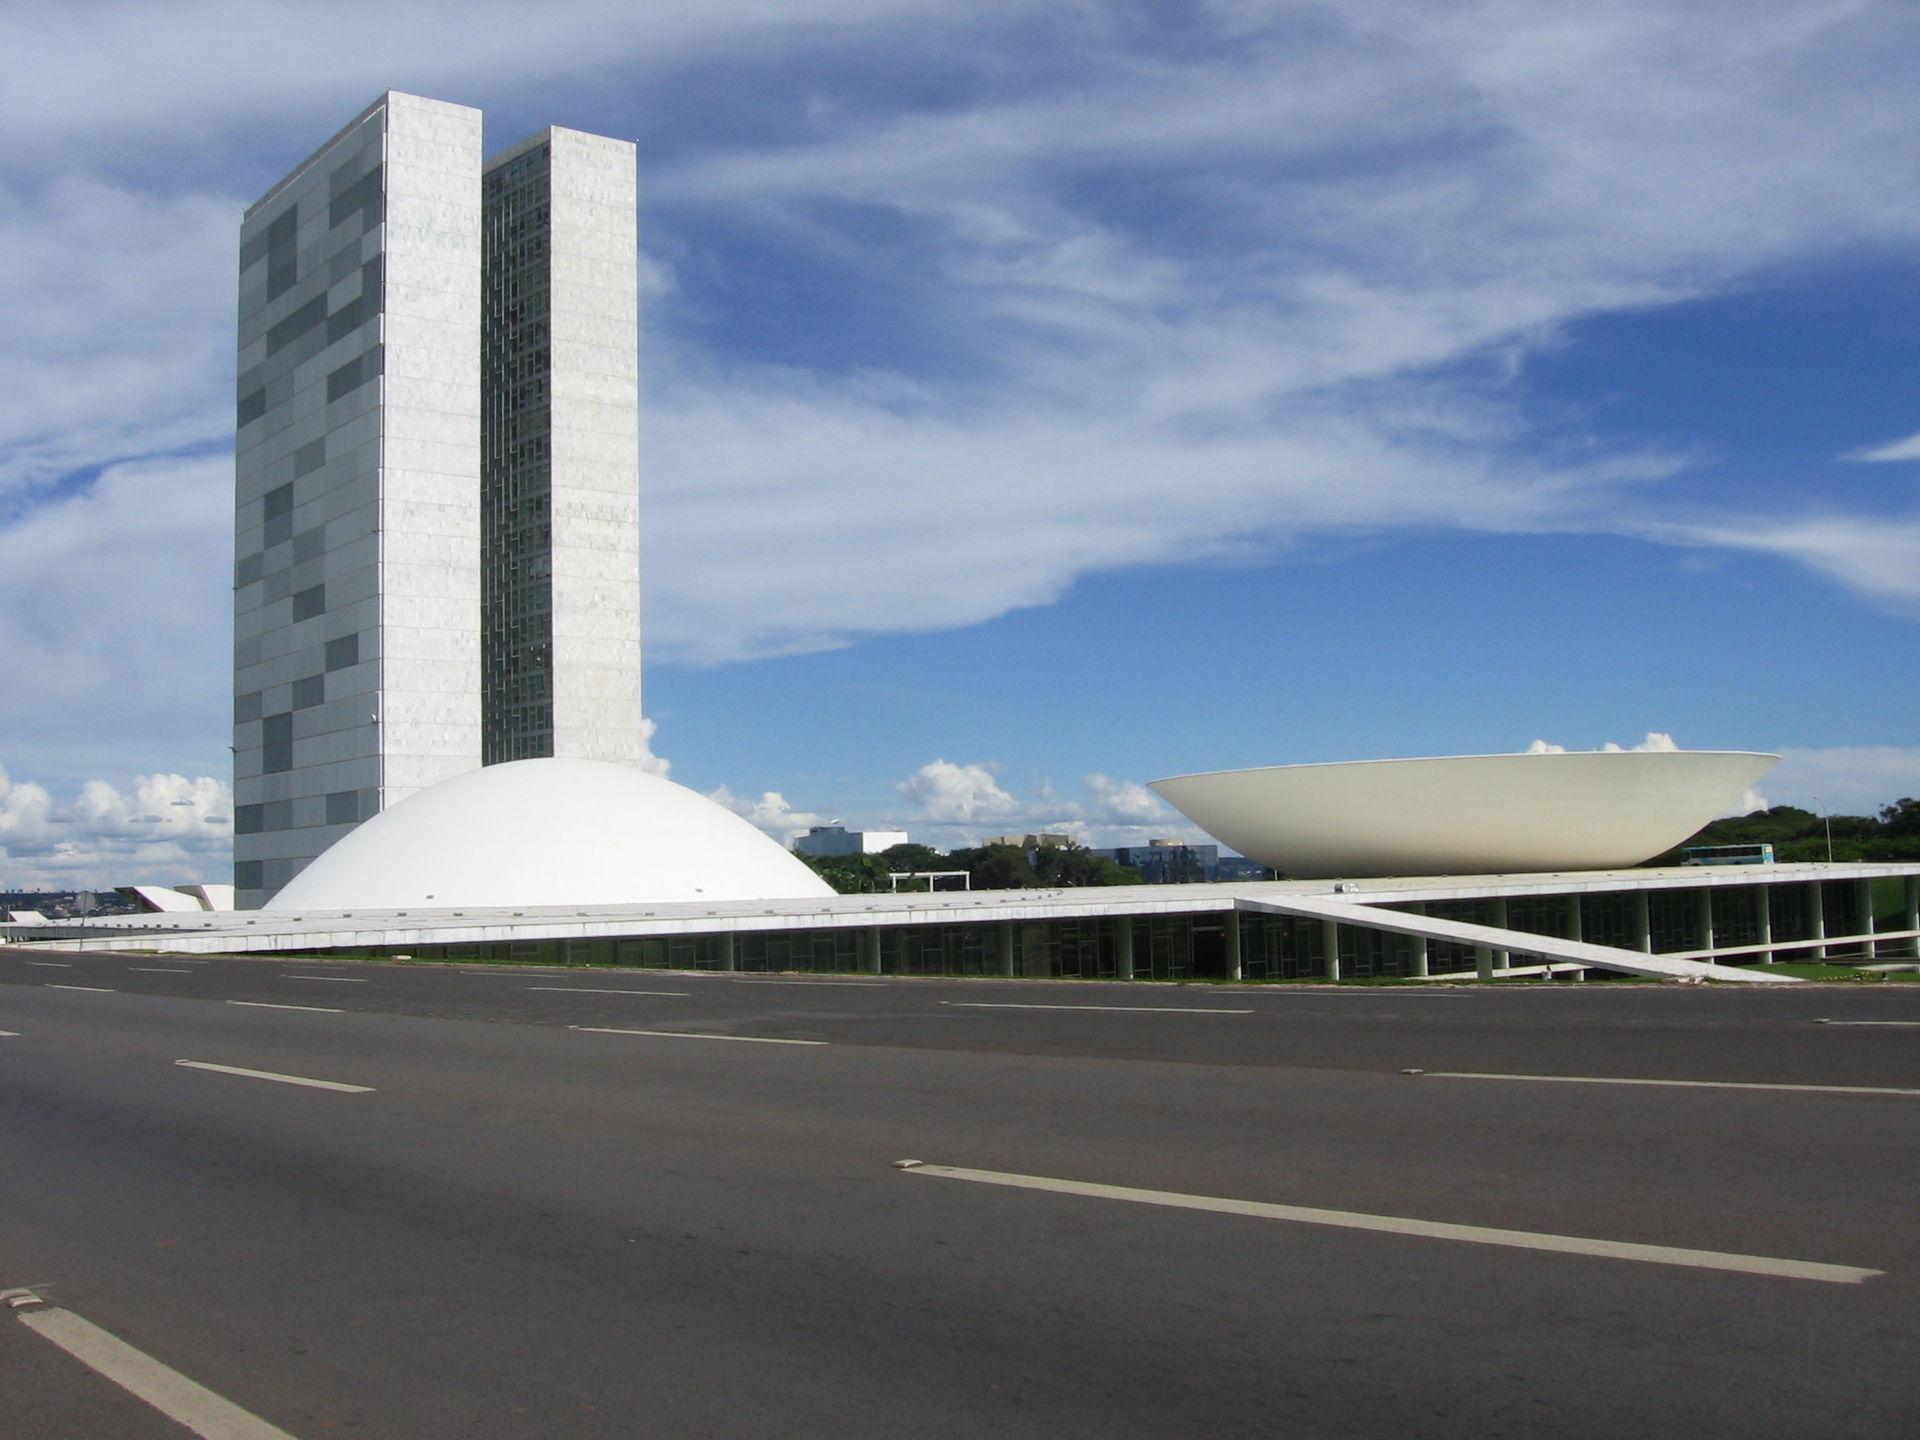 Toà nhà Quốc hội của Brasil có Toà nhà Quốc hội của Brasil có kiến trúc hiện đại